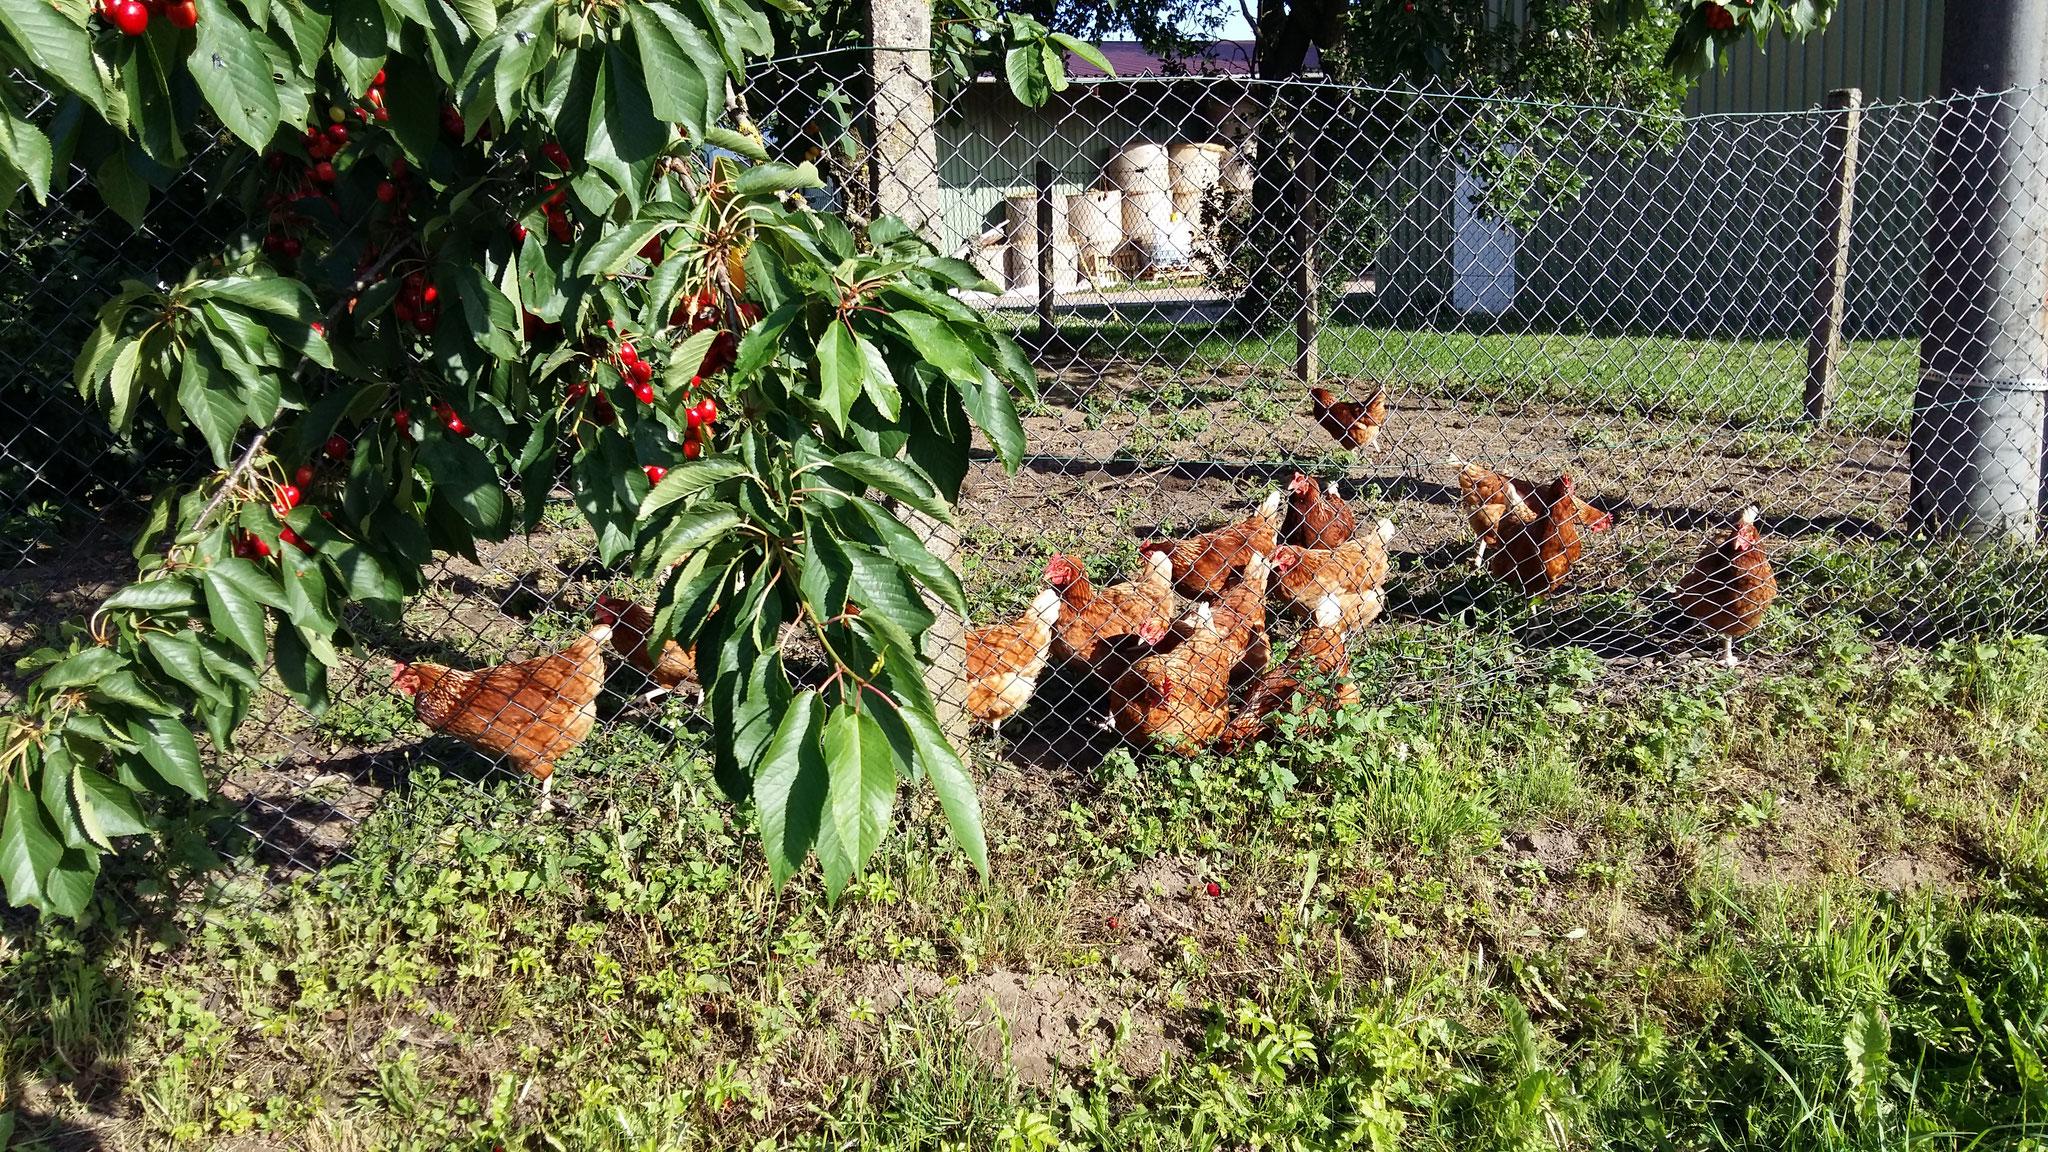 Auch die Hühner freuen sich über die vielen Kirschen